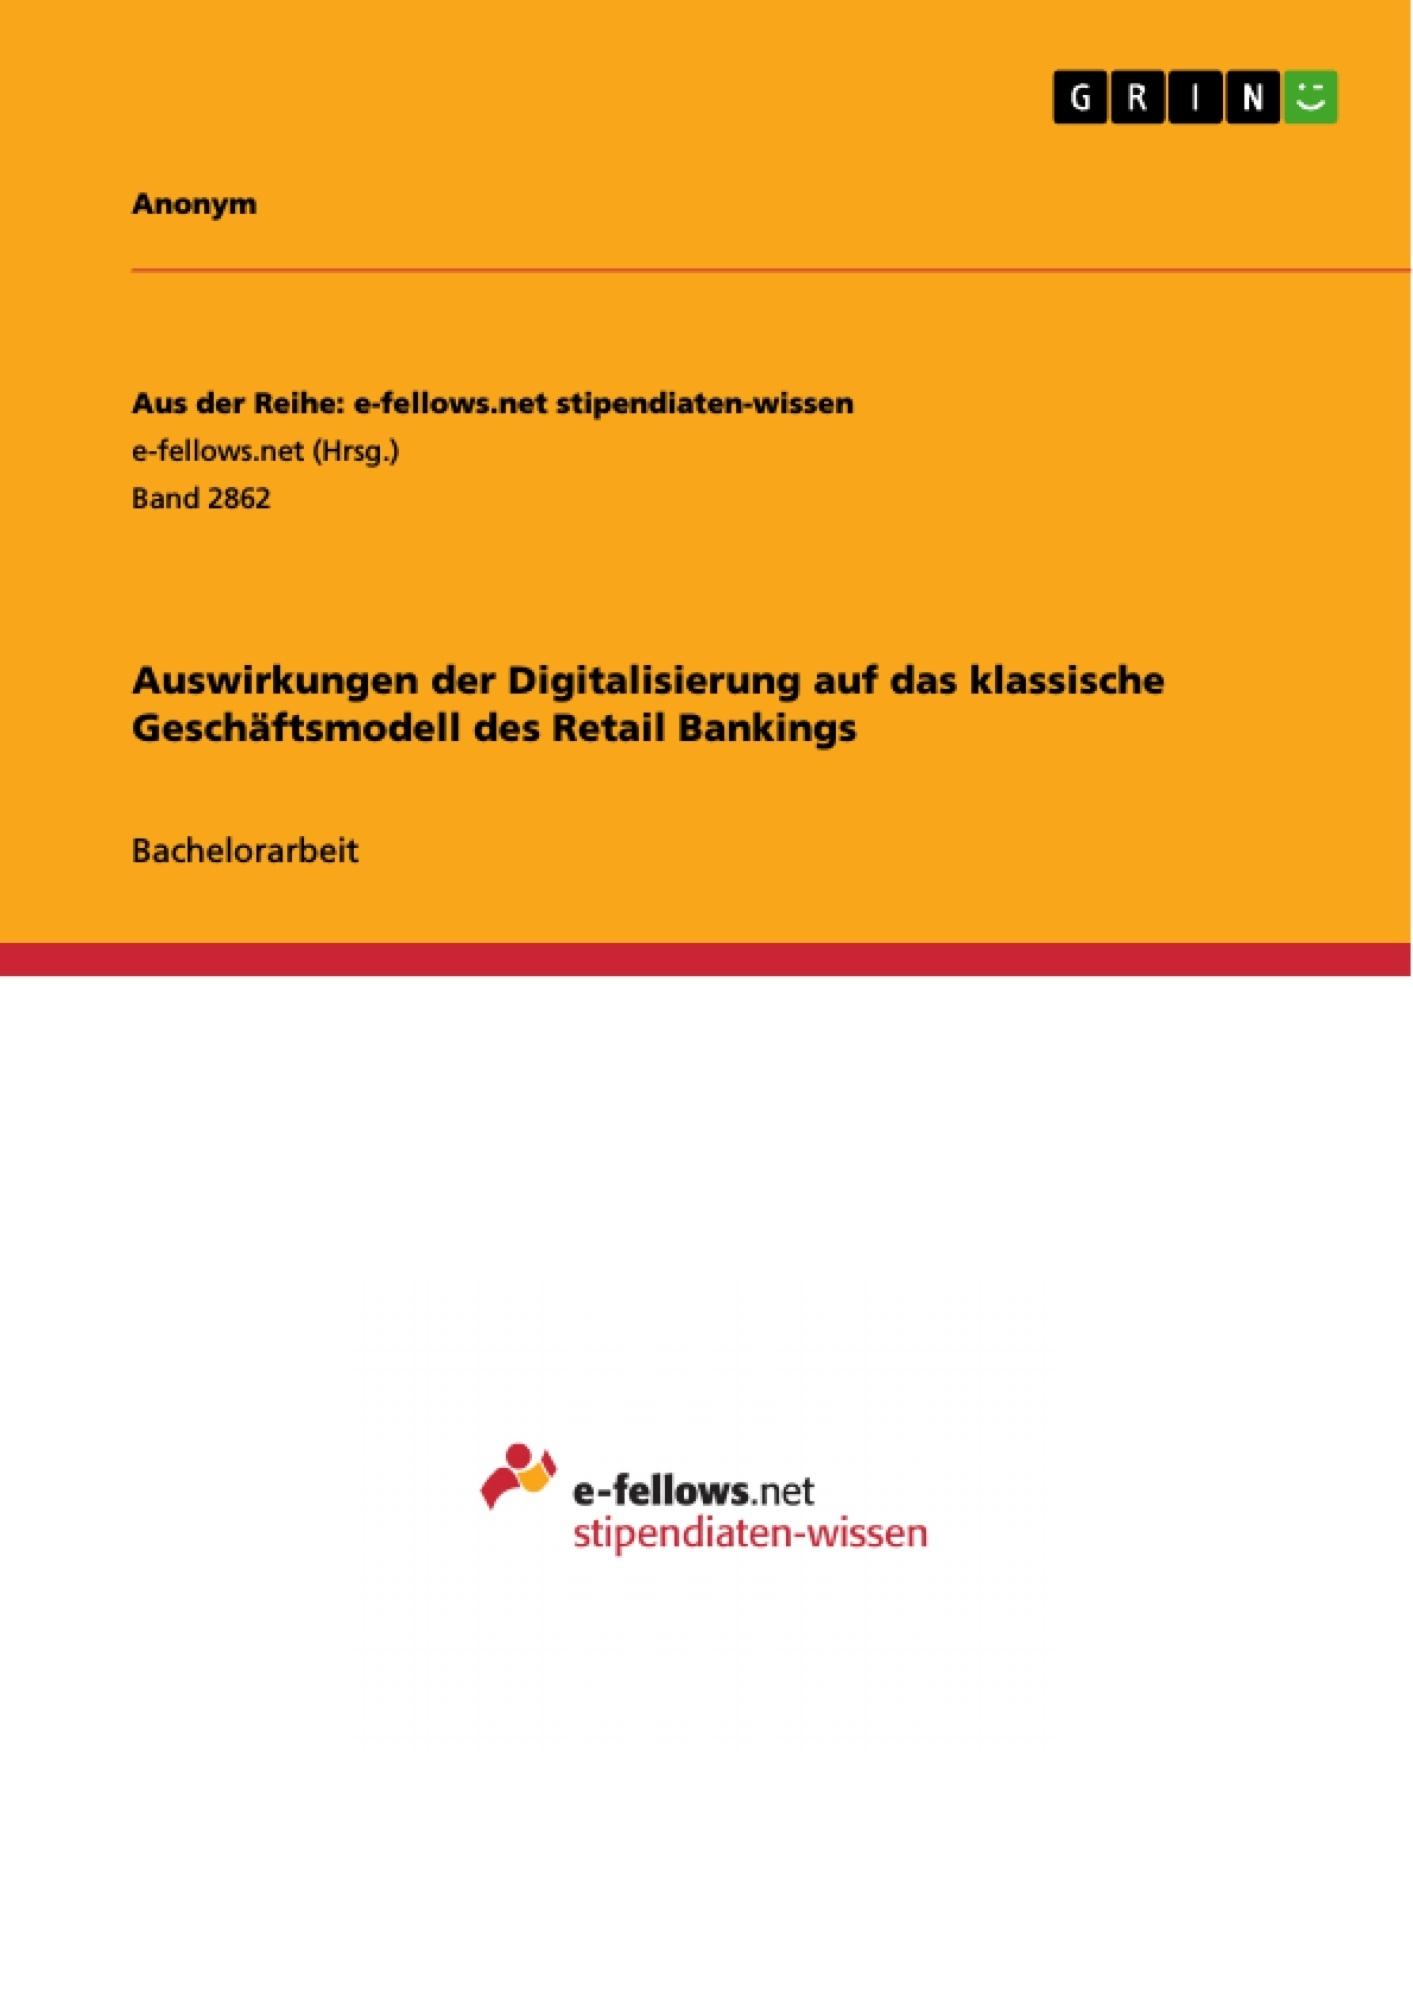 Titel: Auswirkungen der Digitalisierung auf das klassische Geschäftsmodell des Retail Bankings